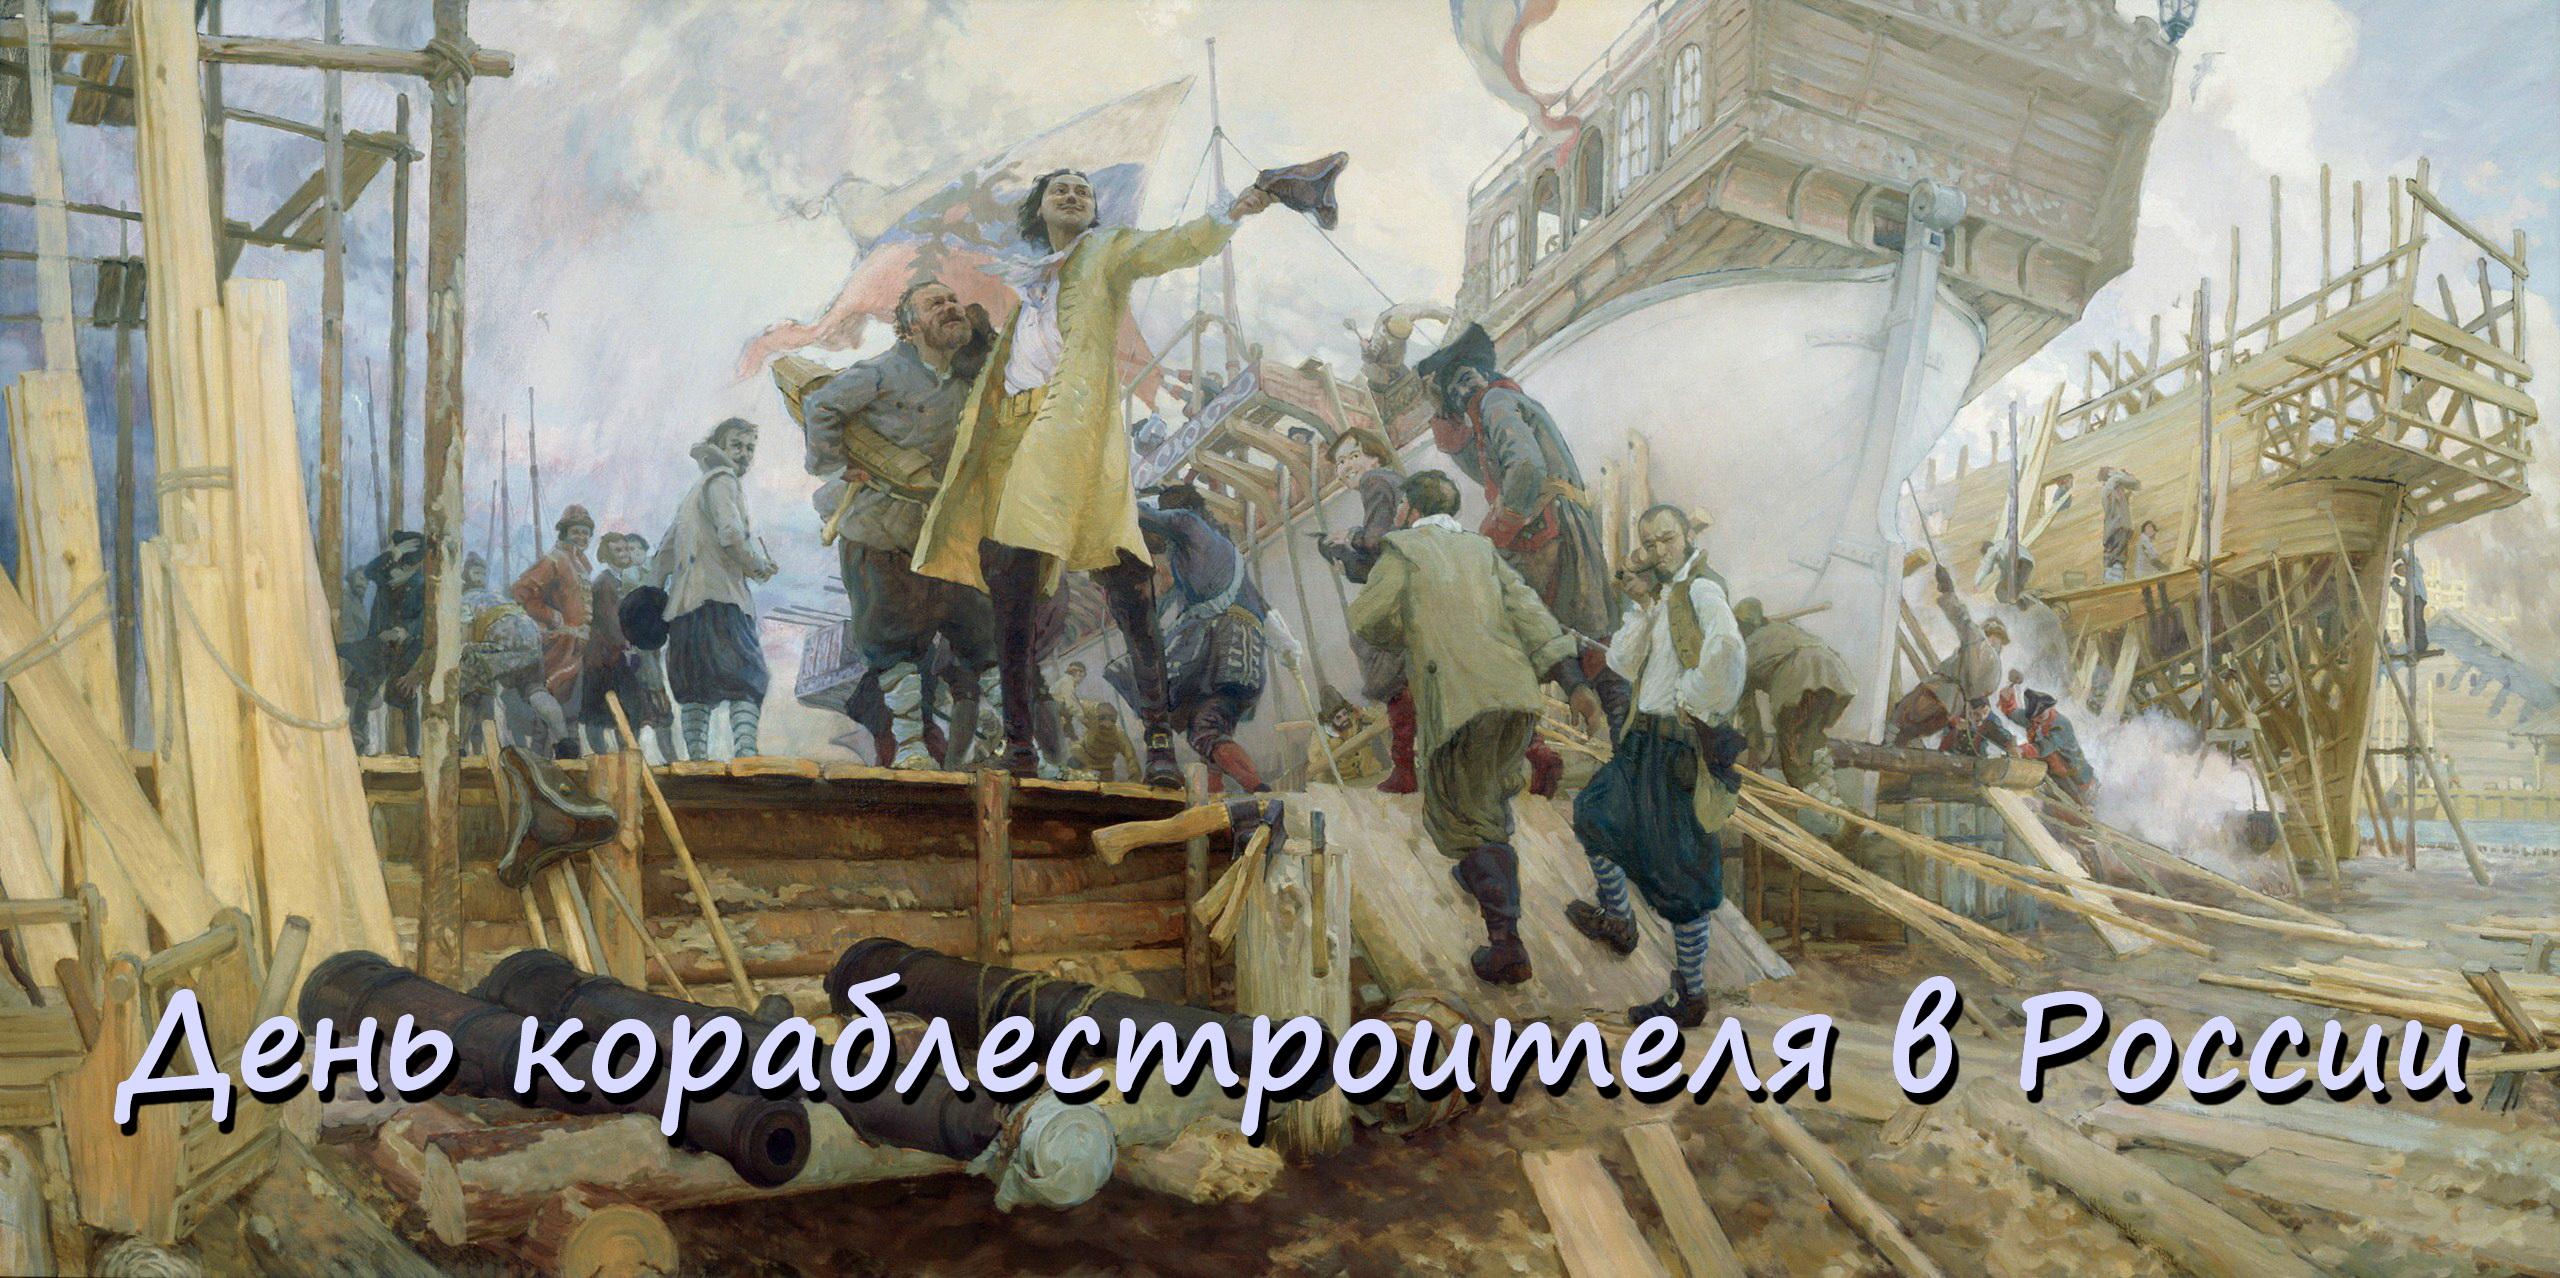 День кораблестроителя в России.jpg